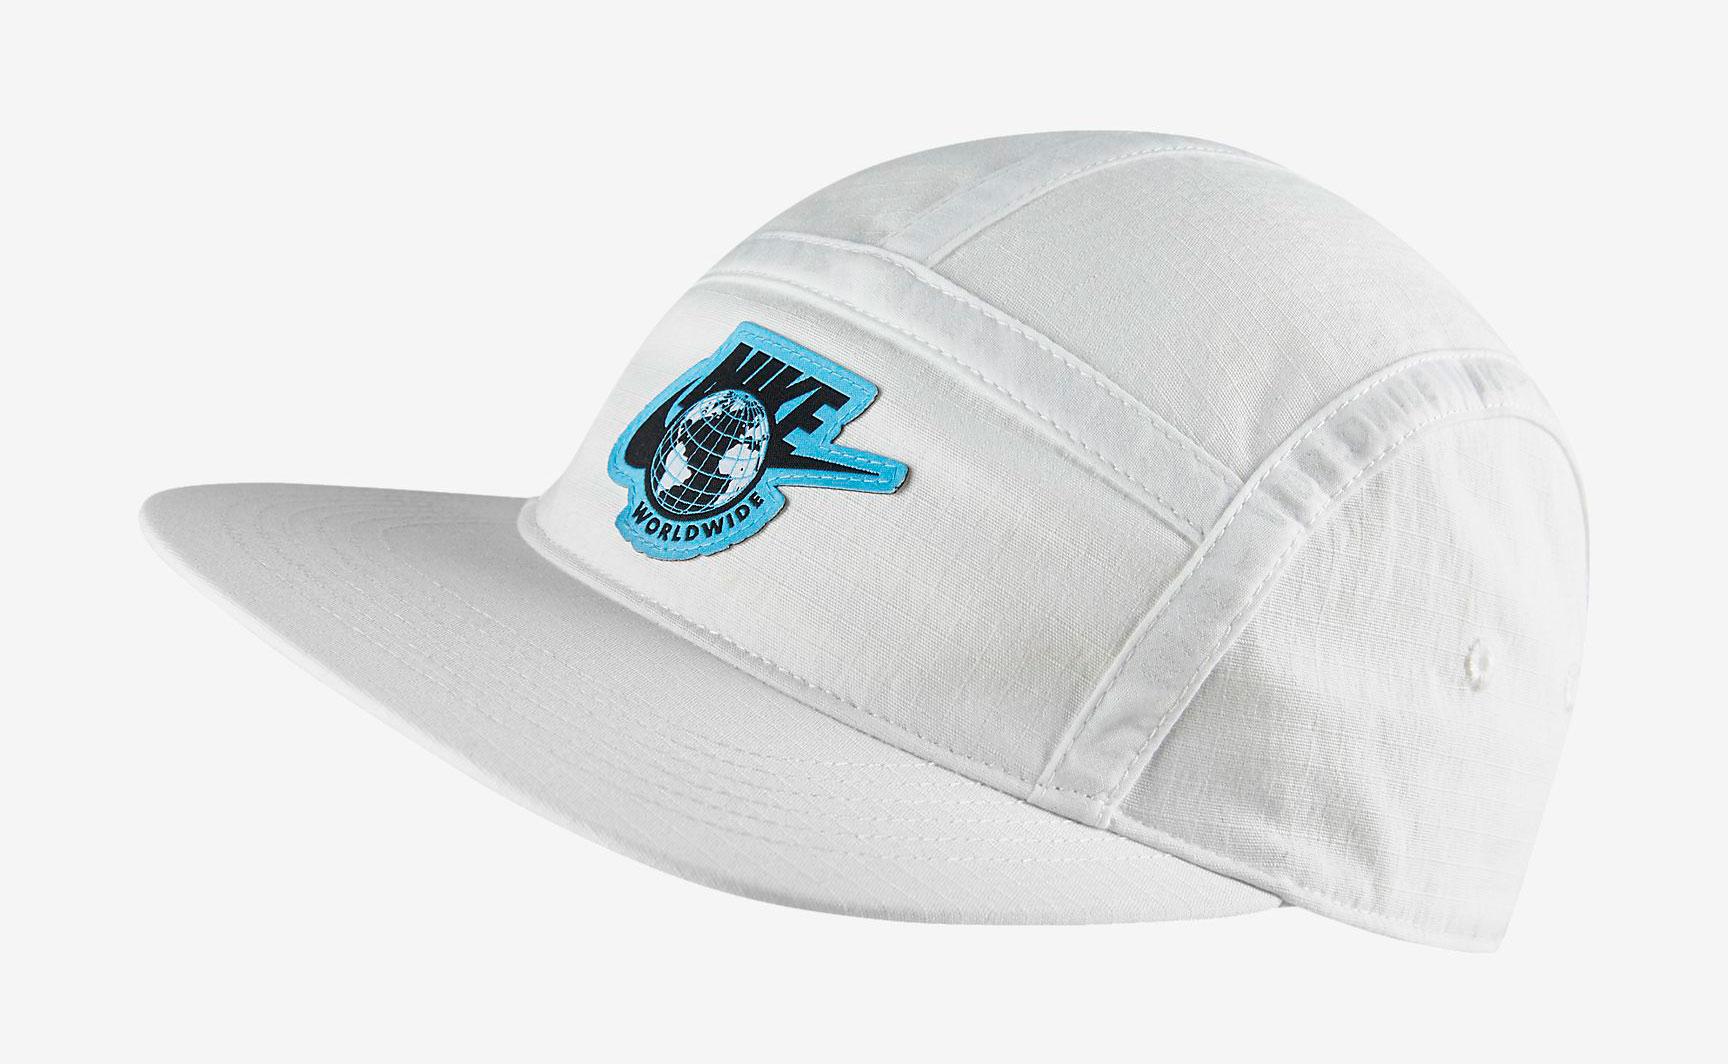 nike-sportswear-worldwide-hat-1